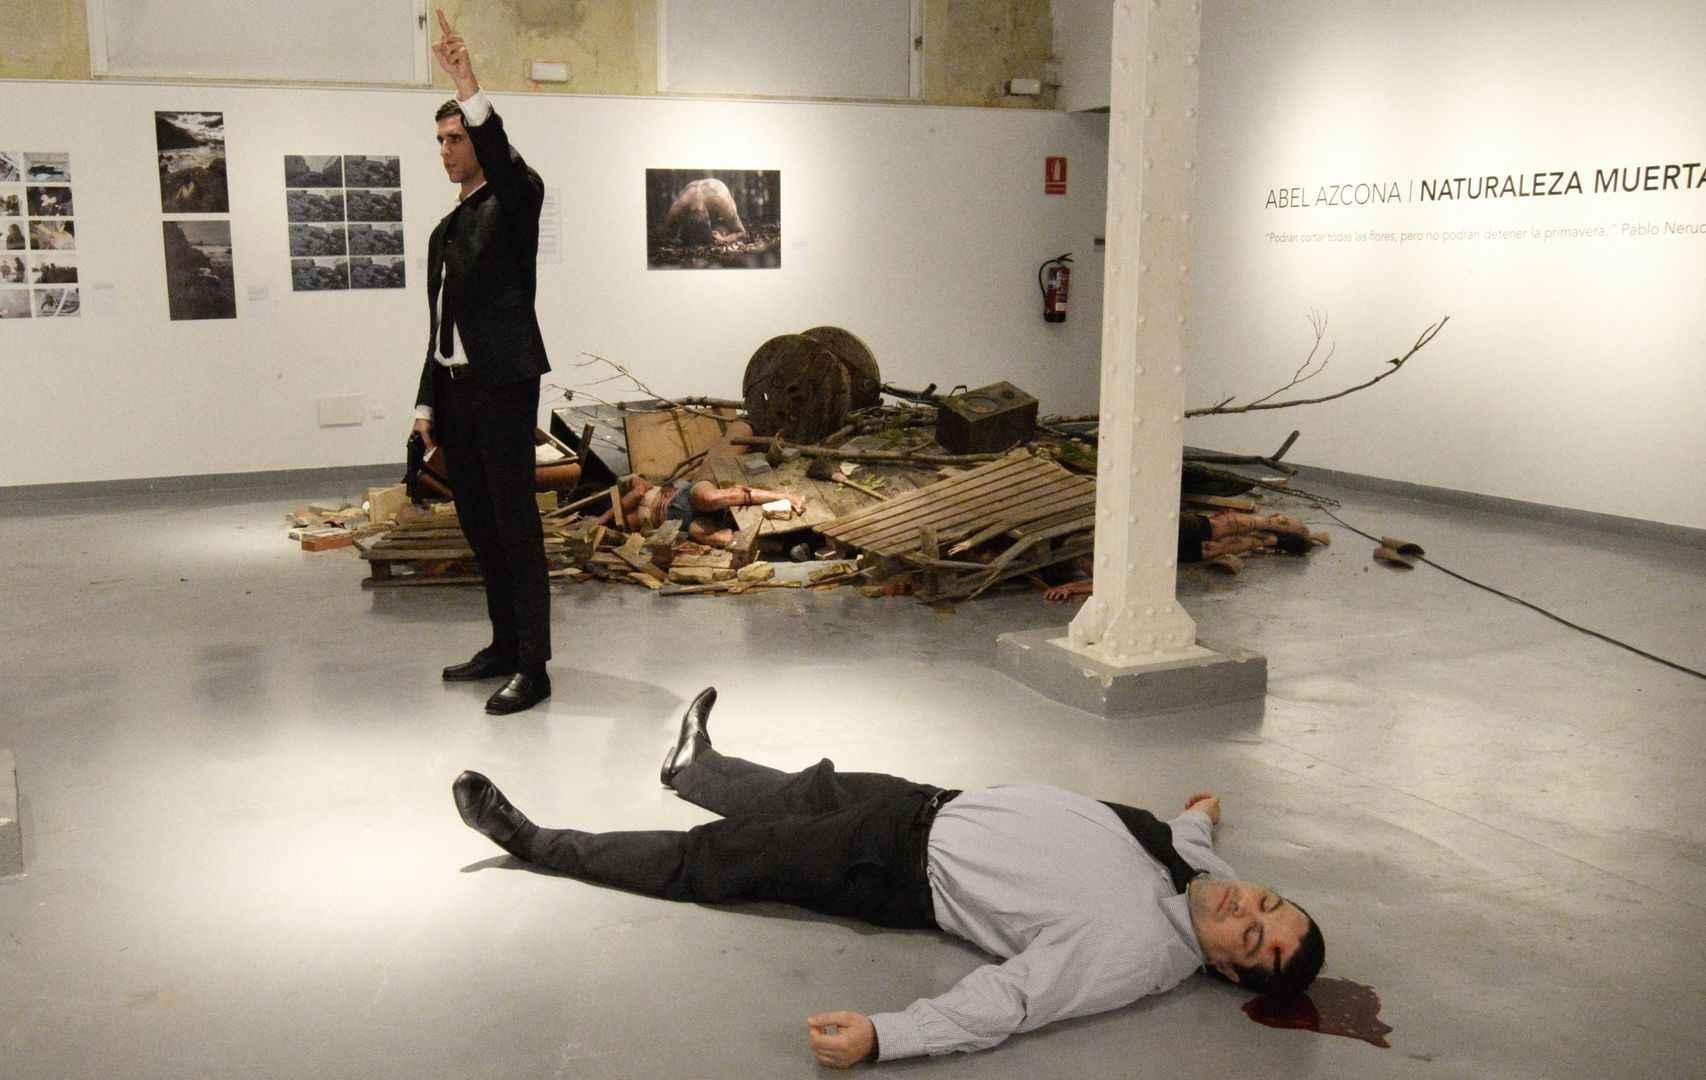 Exposición de Azcona, con simulación del asesinato del embajador ruso en Turquía.